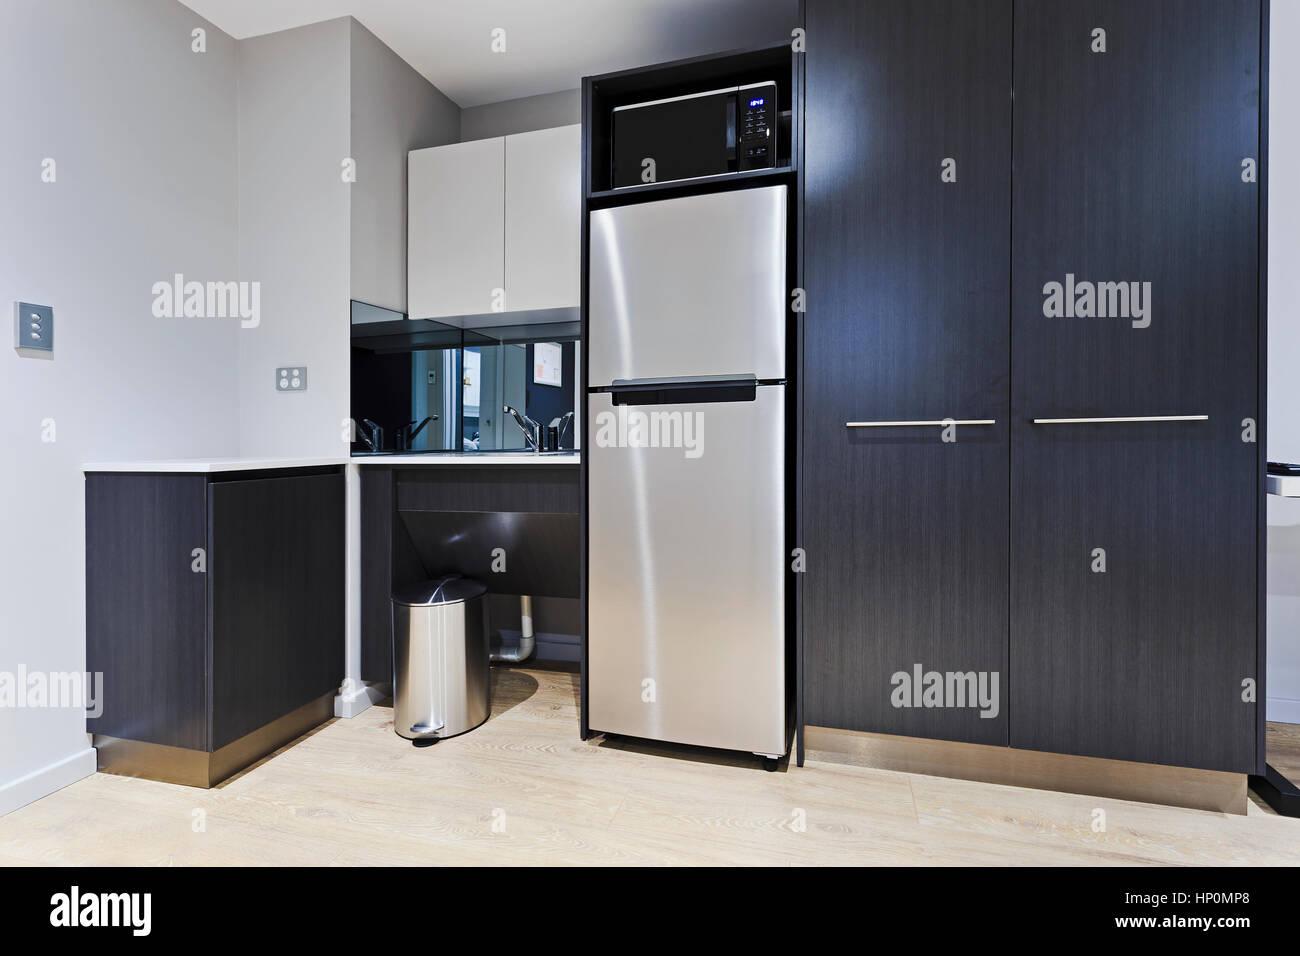 En la esquina cocina elegante y moderno apartamento a estrenar con ...